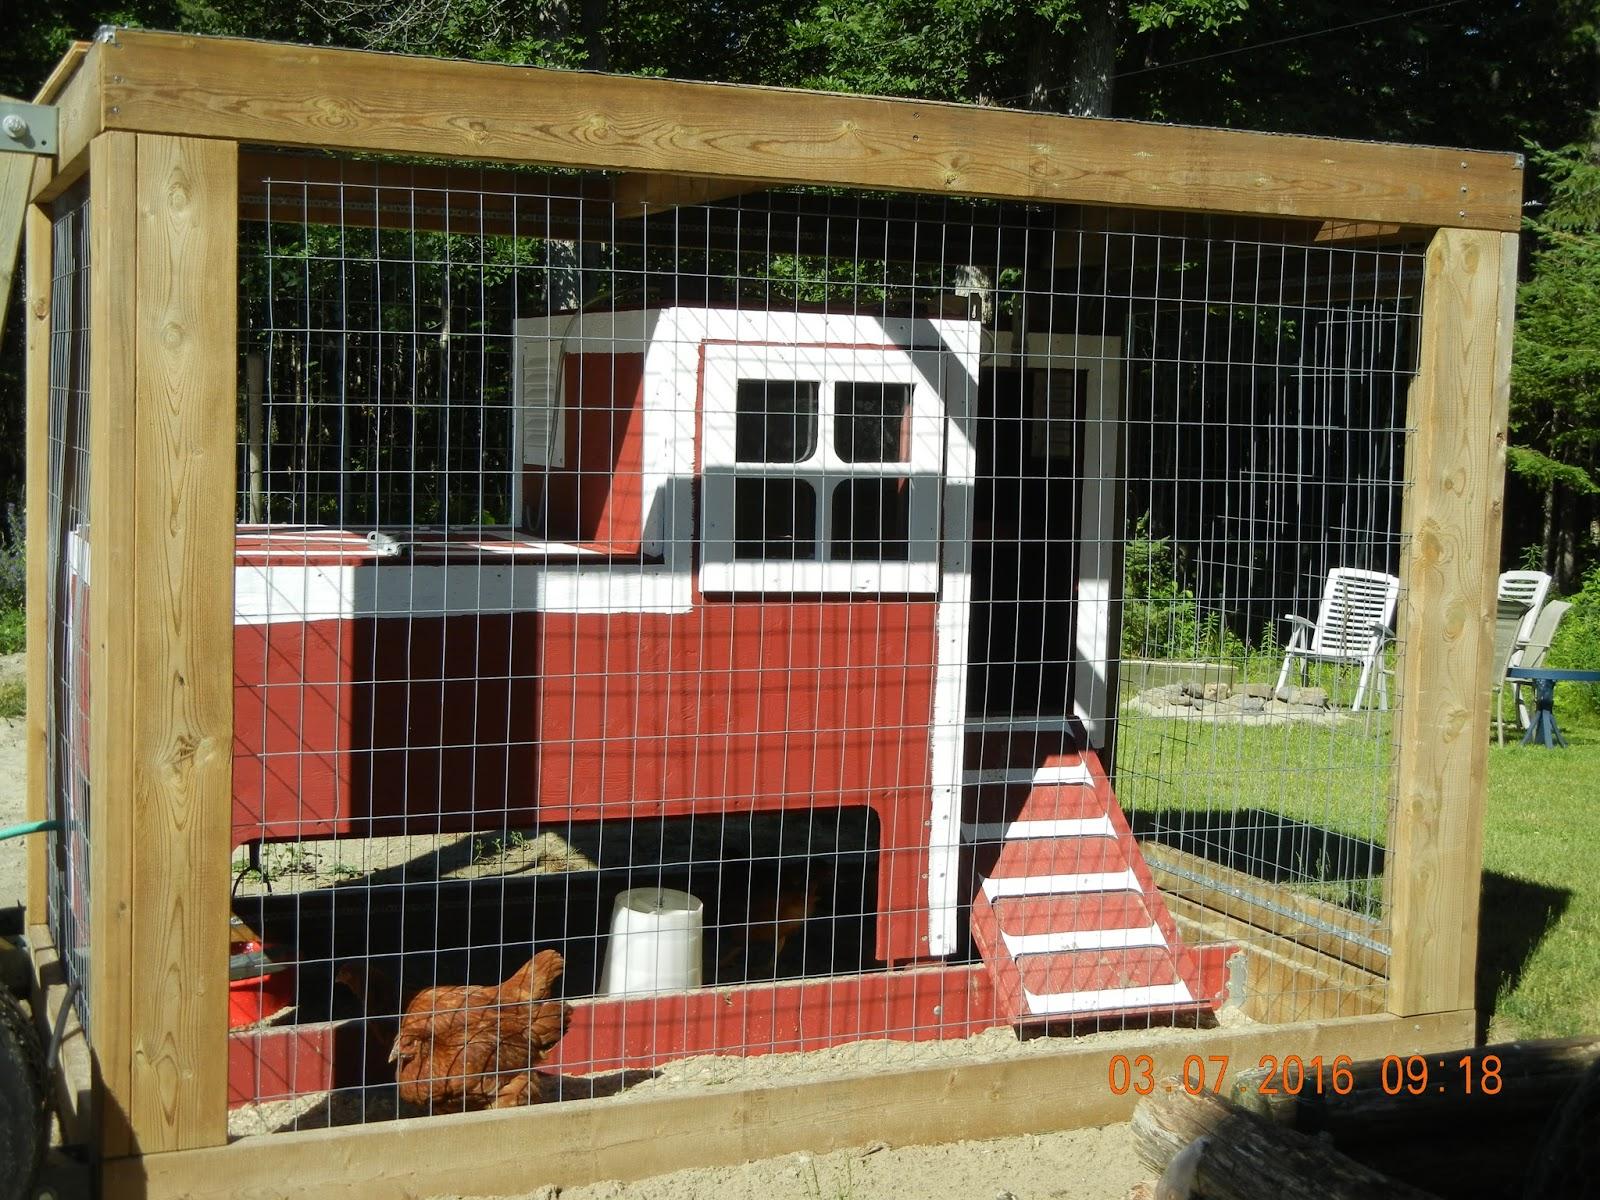 Raise Hens for Eggs